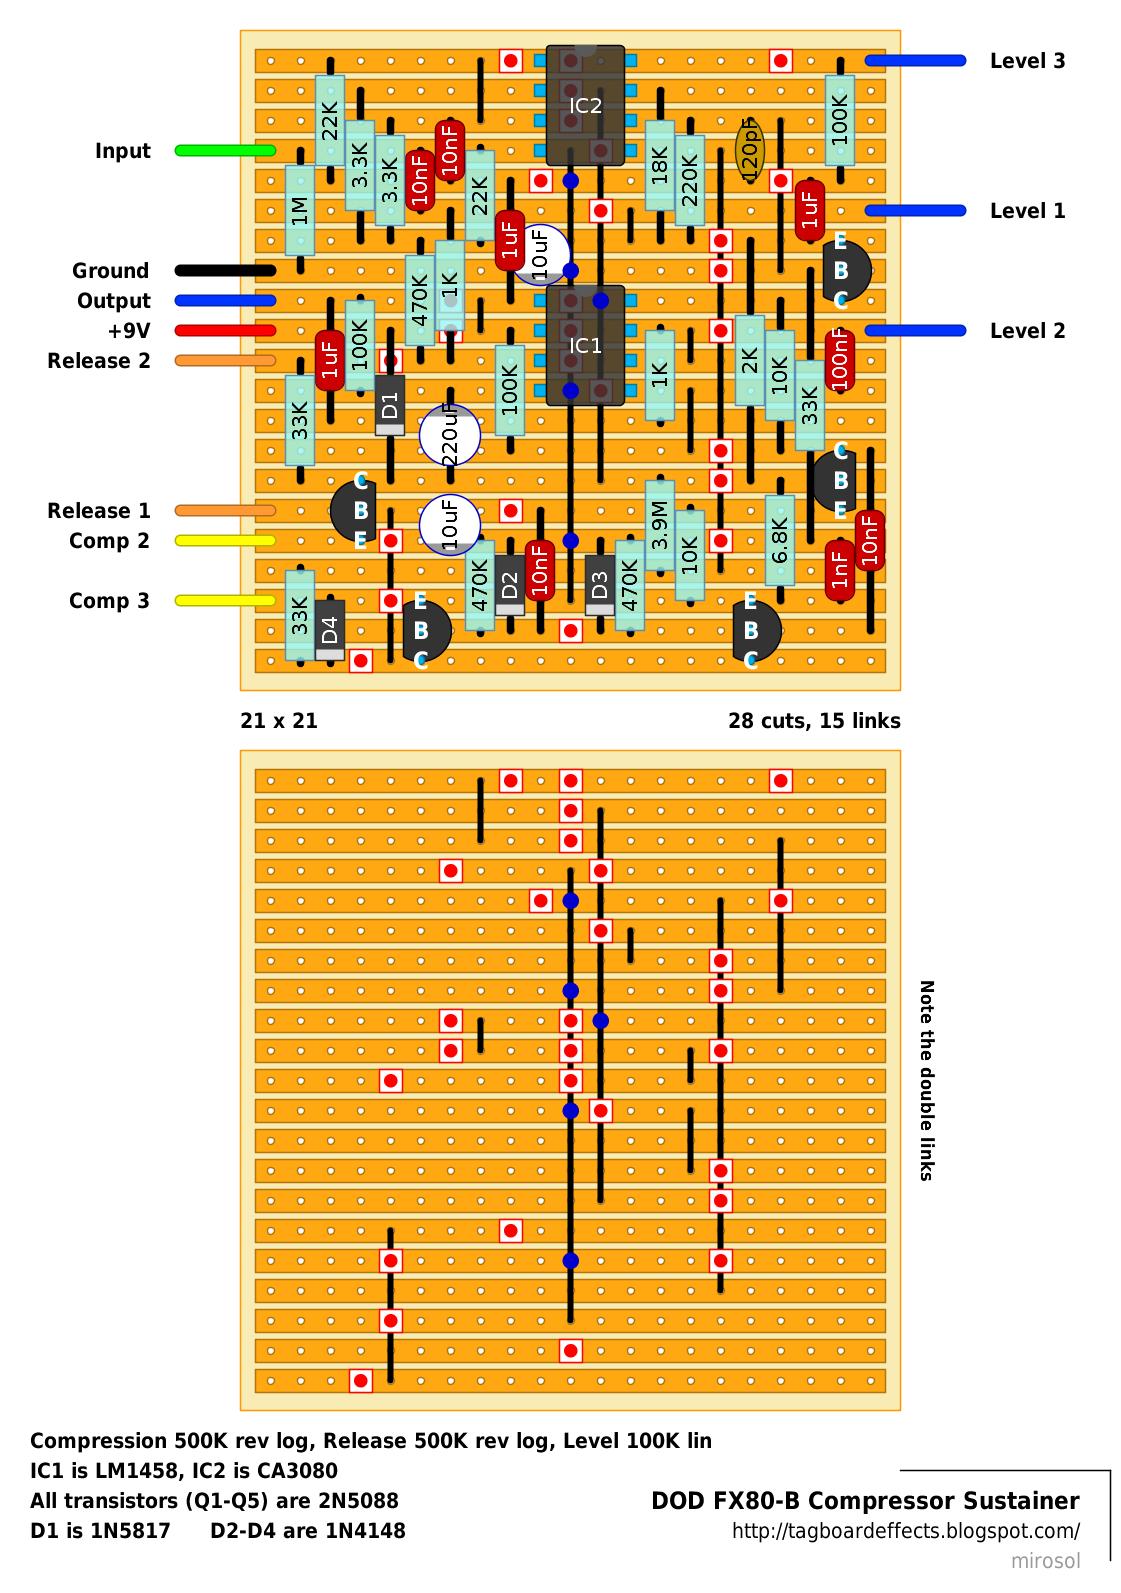 guitar fx layouts dod fx80b compressor sustainer. Black Bedroom Furniture Sets. Home Design Ideas